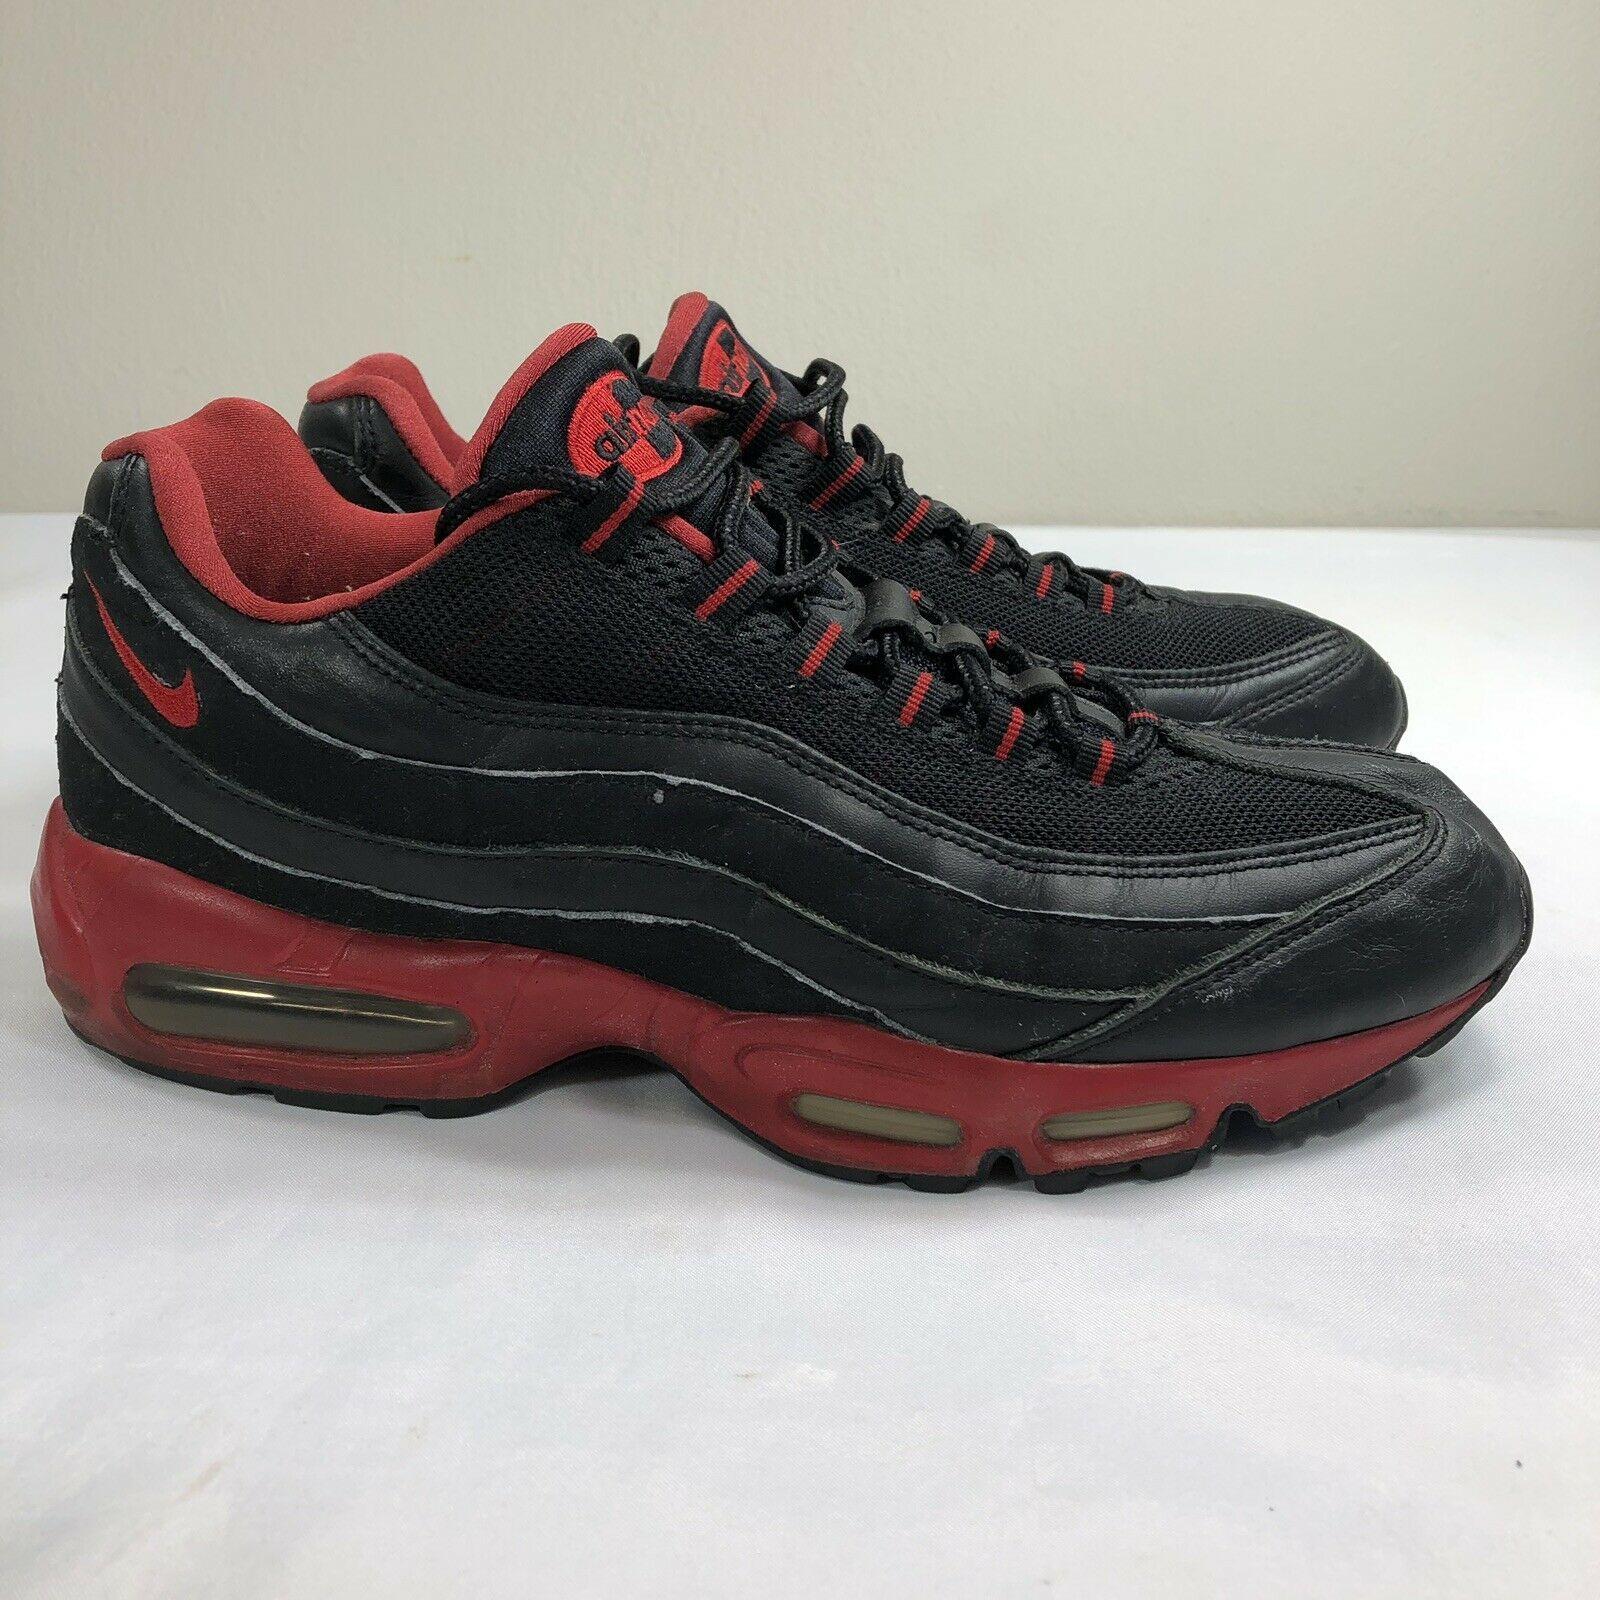 Nike Air Max 95 Running Shoes Black Varsity and 23 similar items